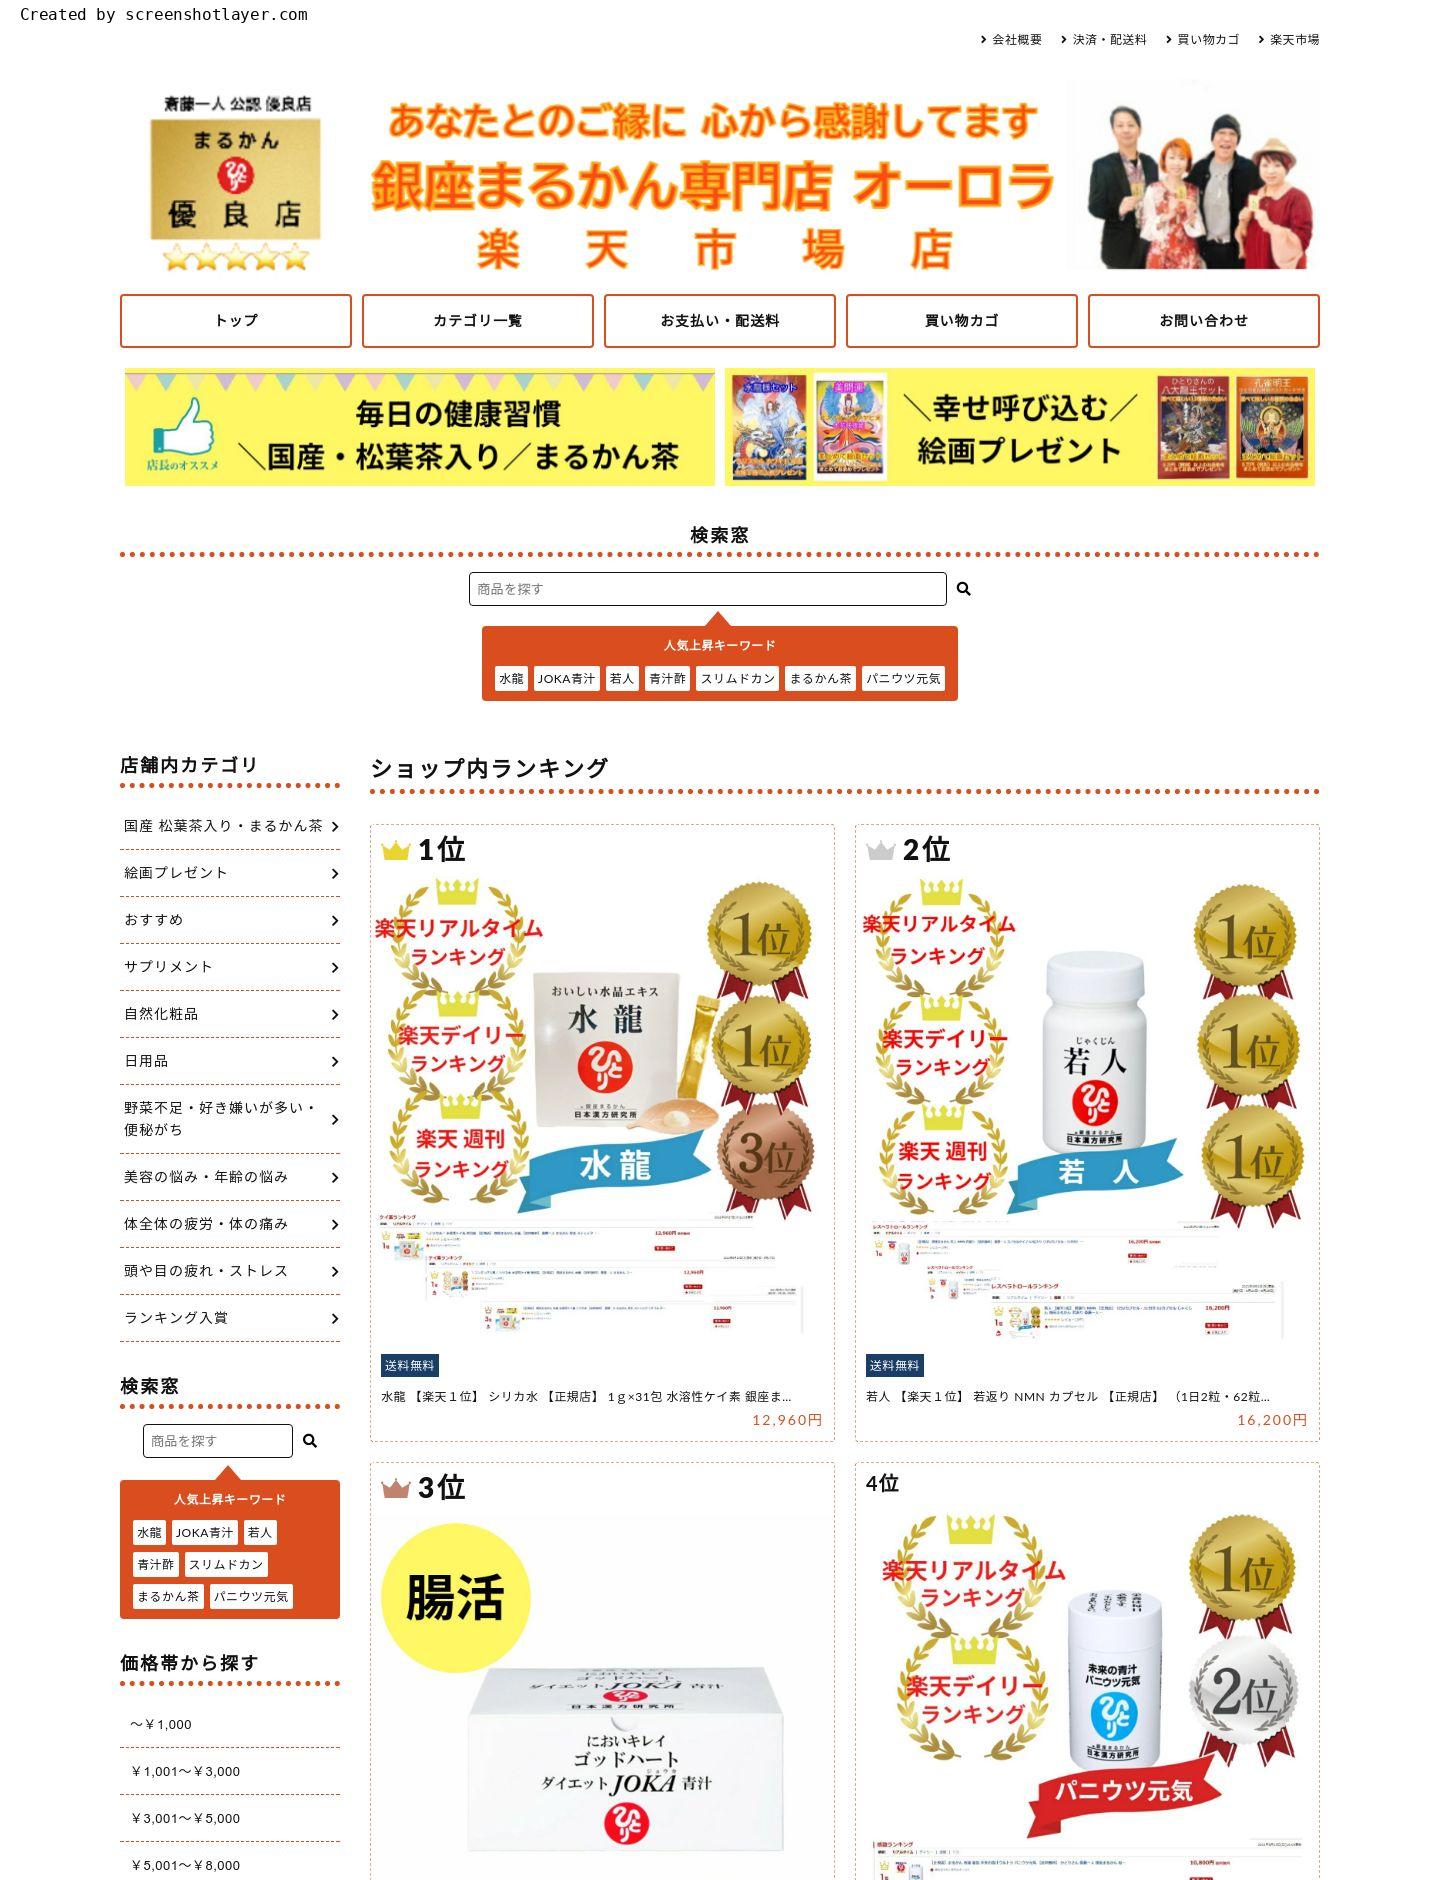 銀座まるかん専門店オーロラ様 サイト画像